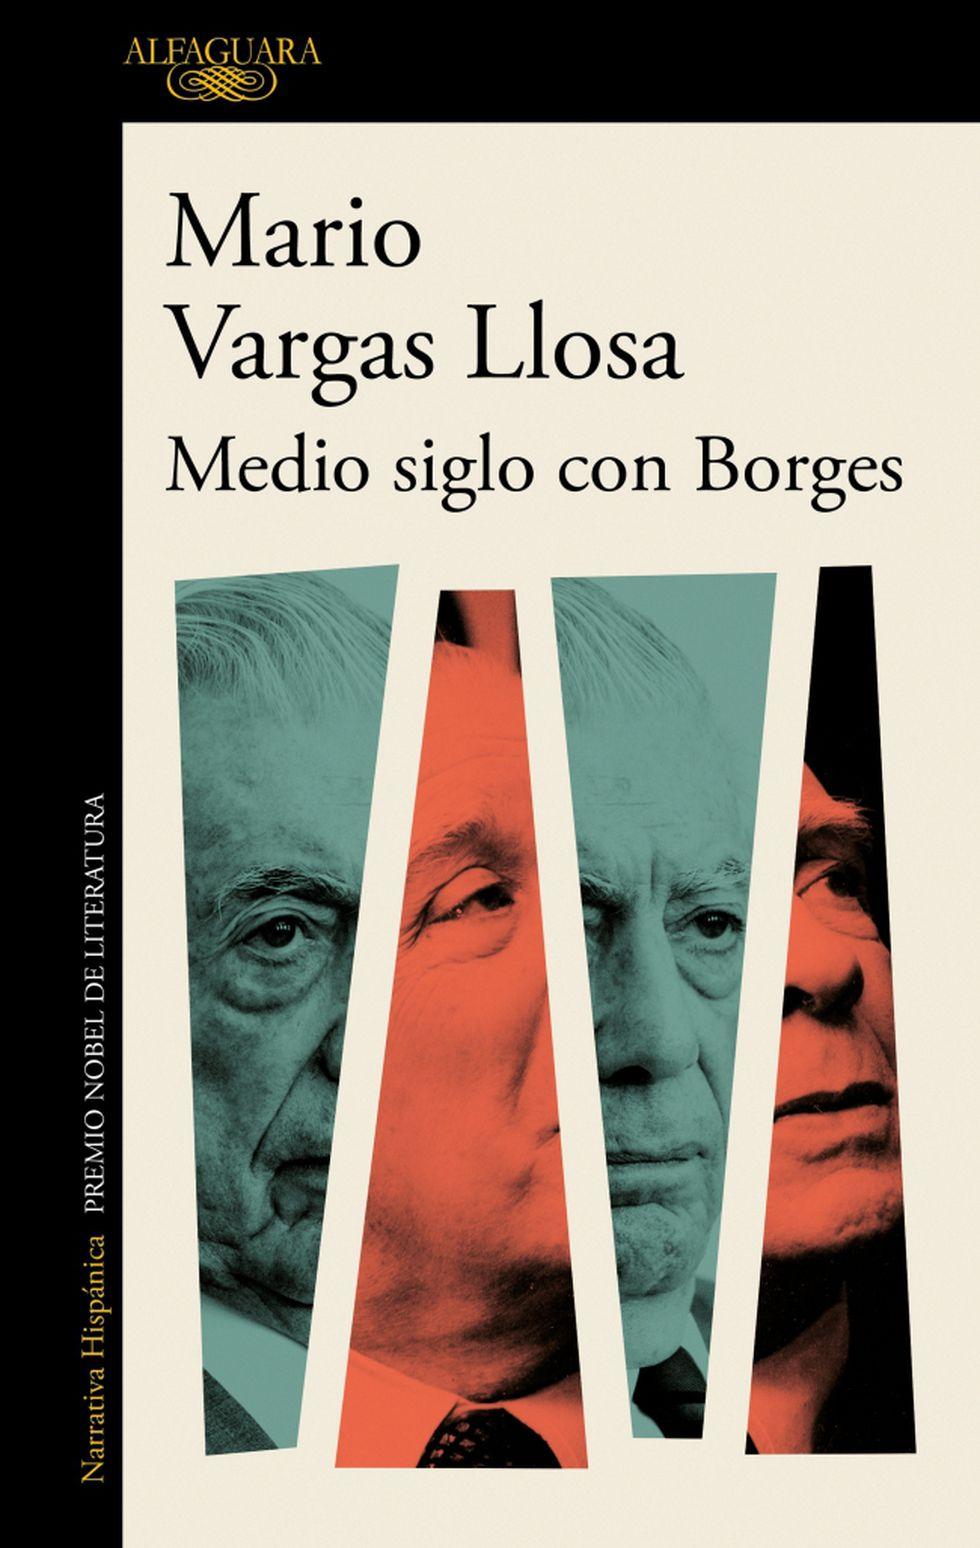 """""""Medio siglo con Borges"""" se lanzará mundialmente este 18 de junio."""